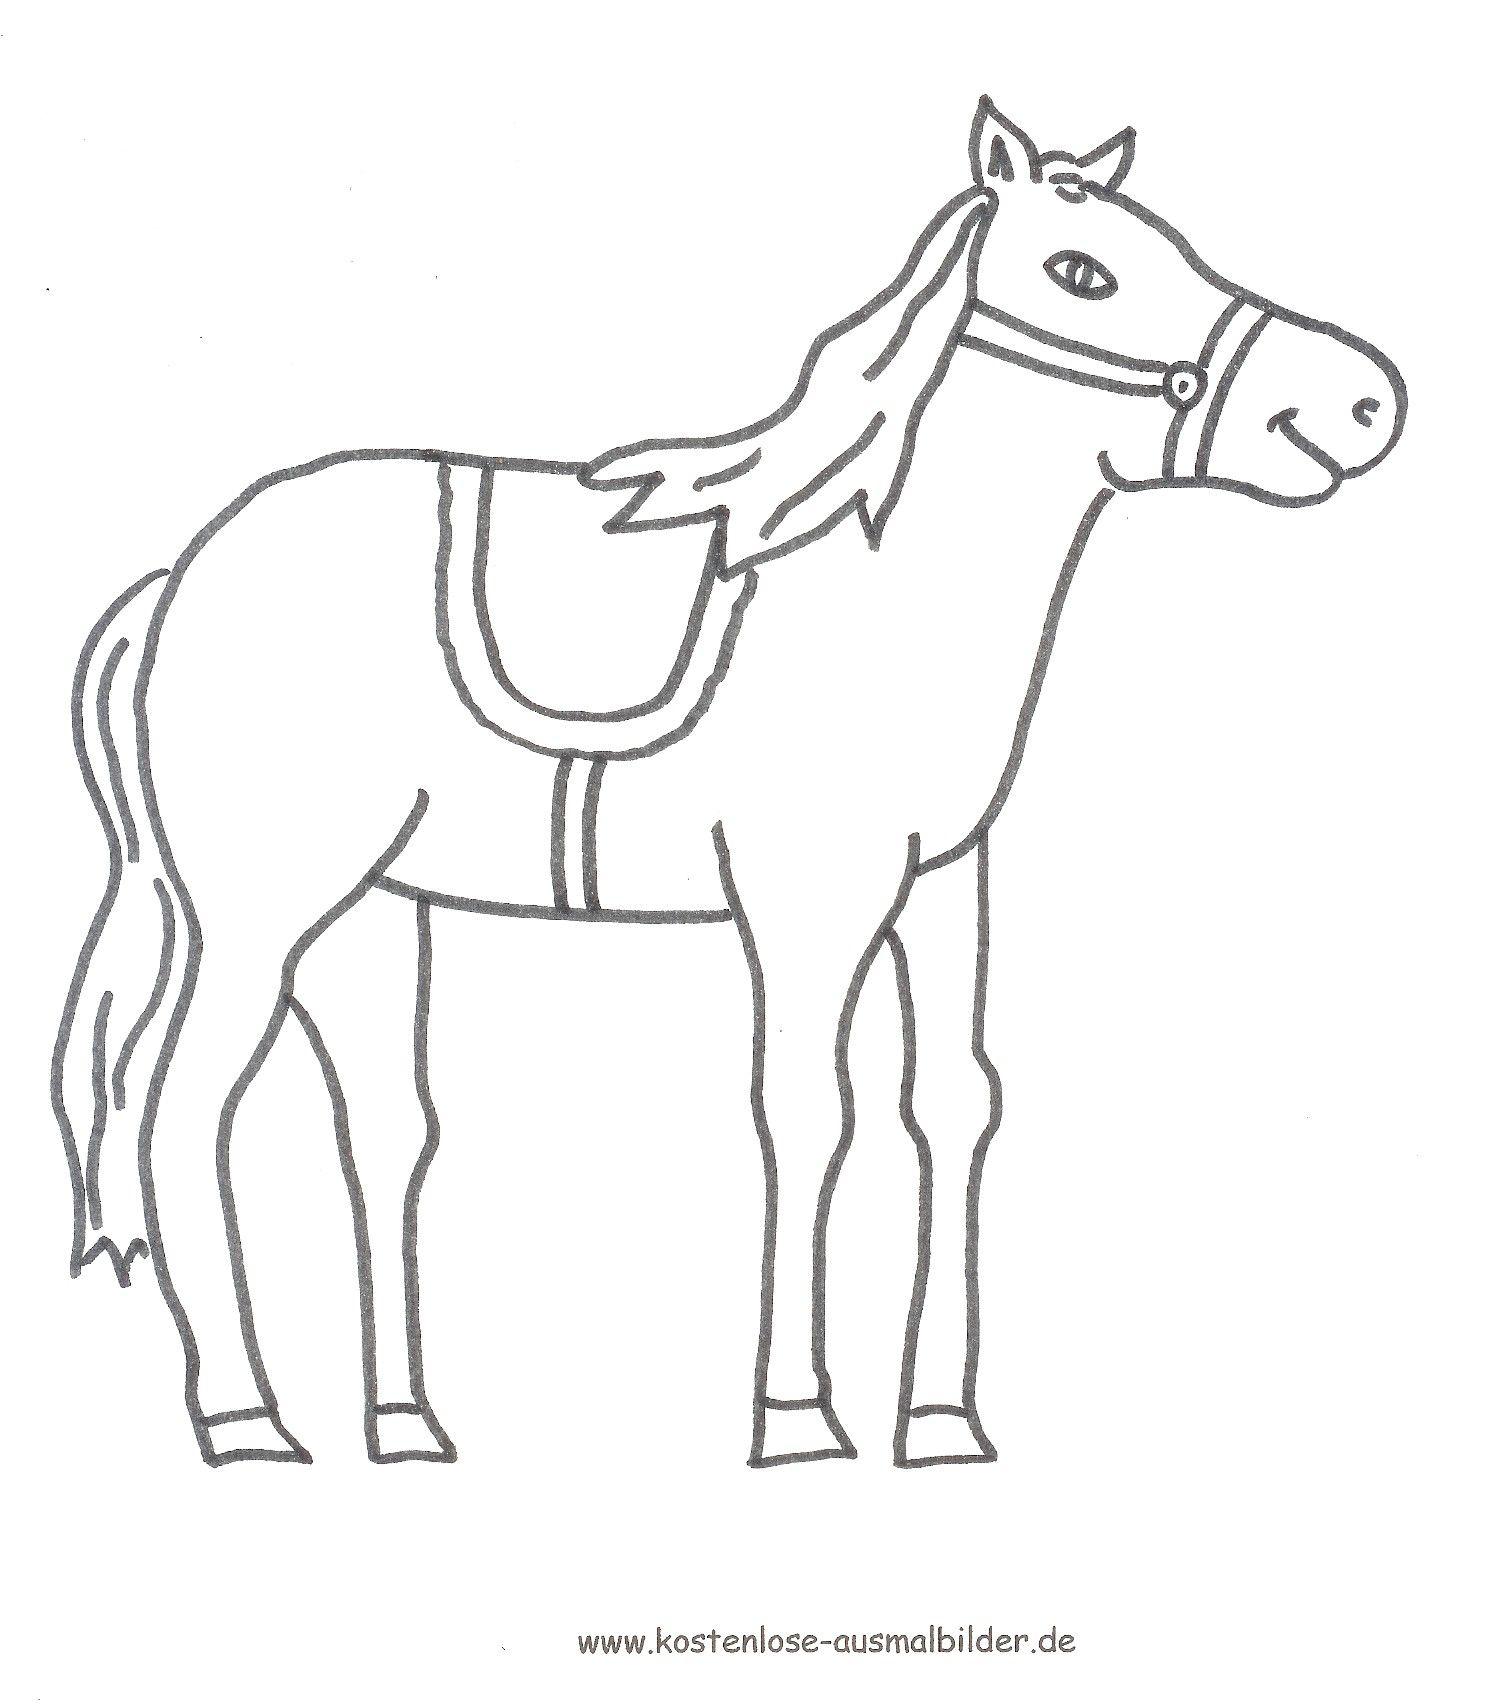 Ausmalbilder Pferde Kostenlos  Ausmalbilder pferde, Ausmalbilder